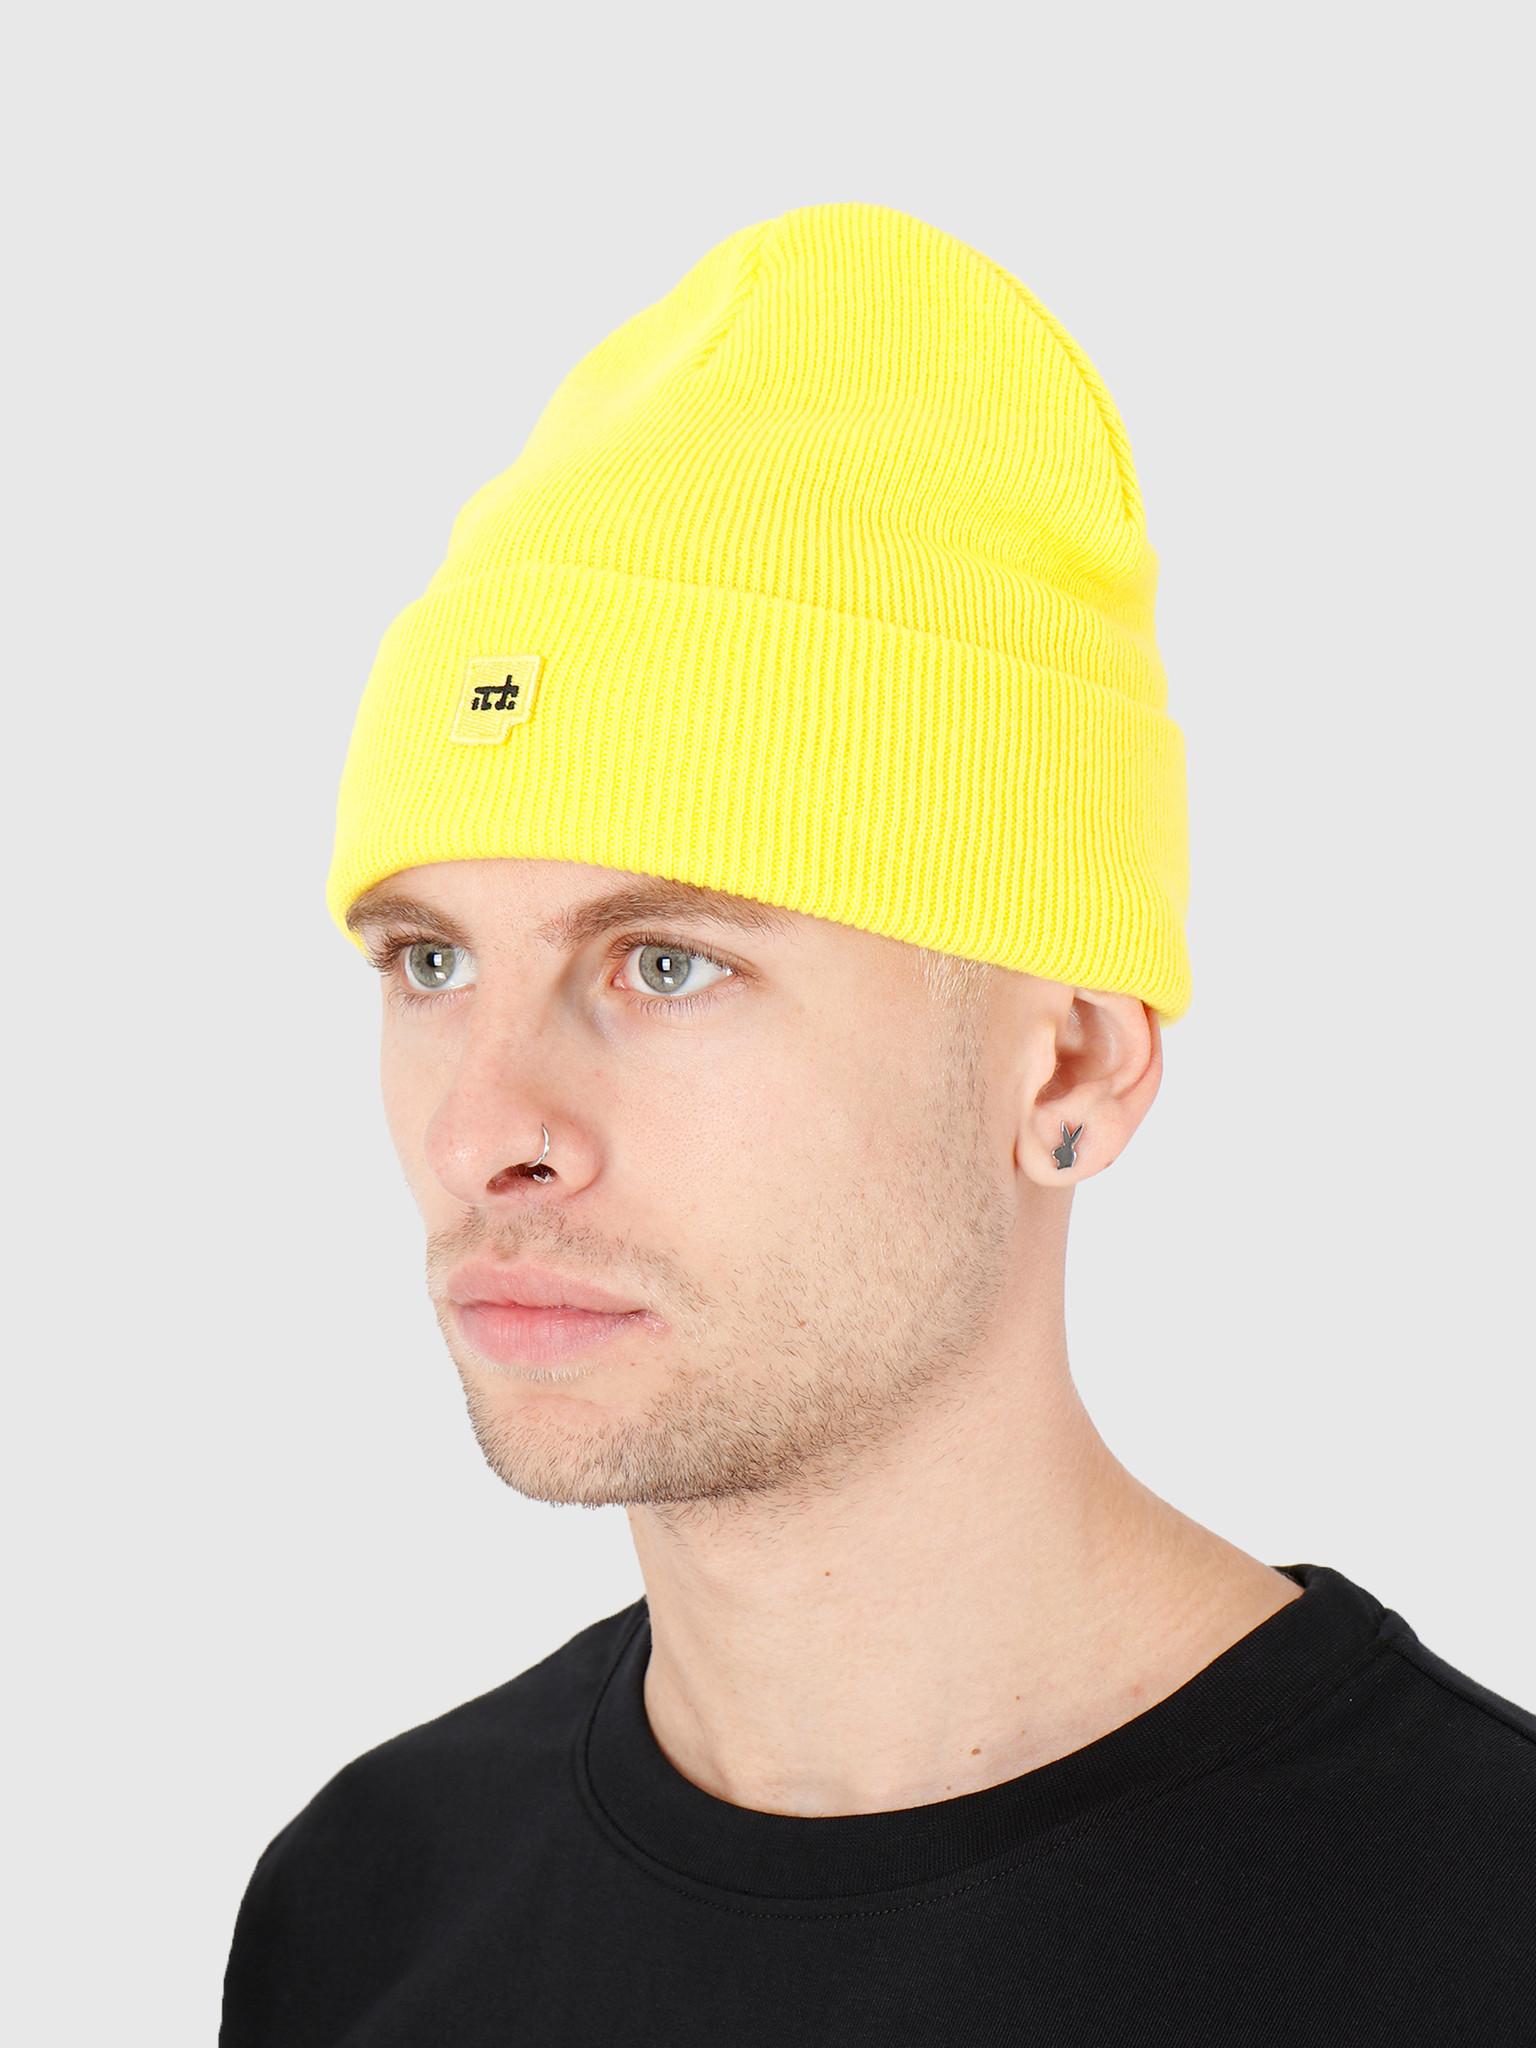 FRESHCOTTON x ADE FRESHCOTTON x ADE Beanie Yellow